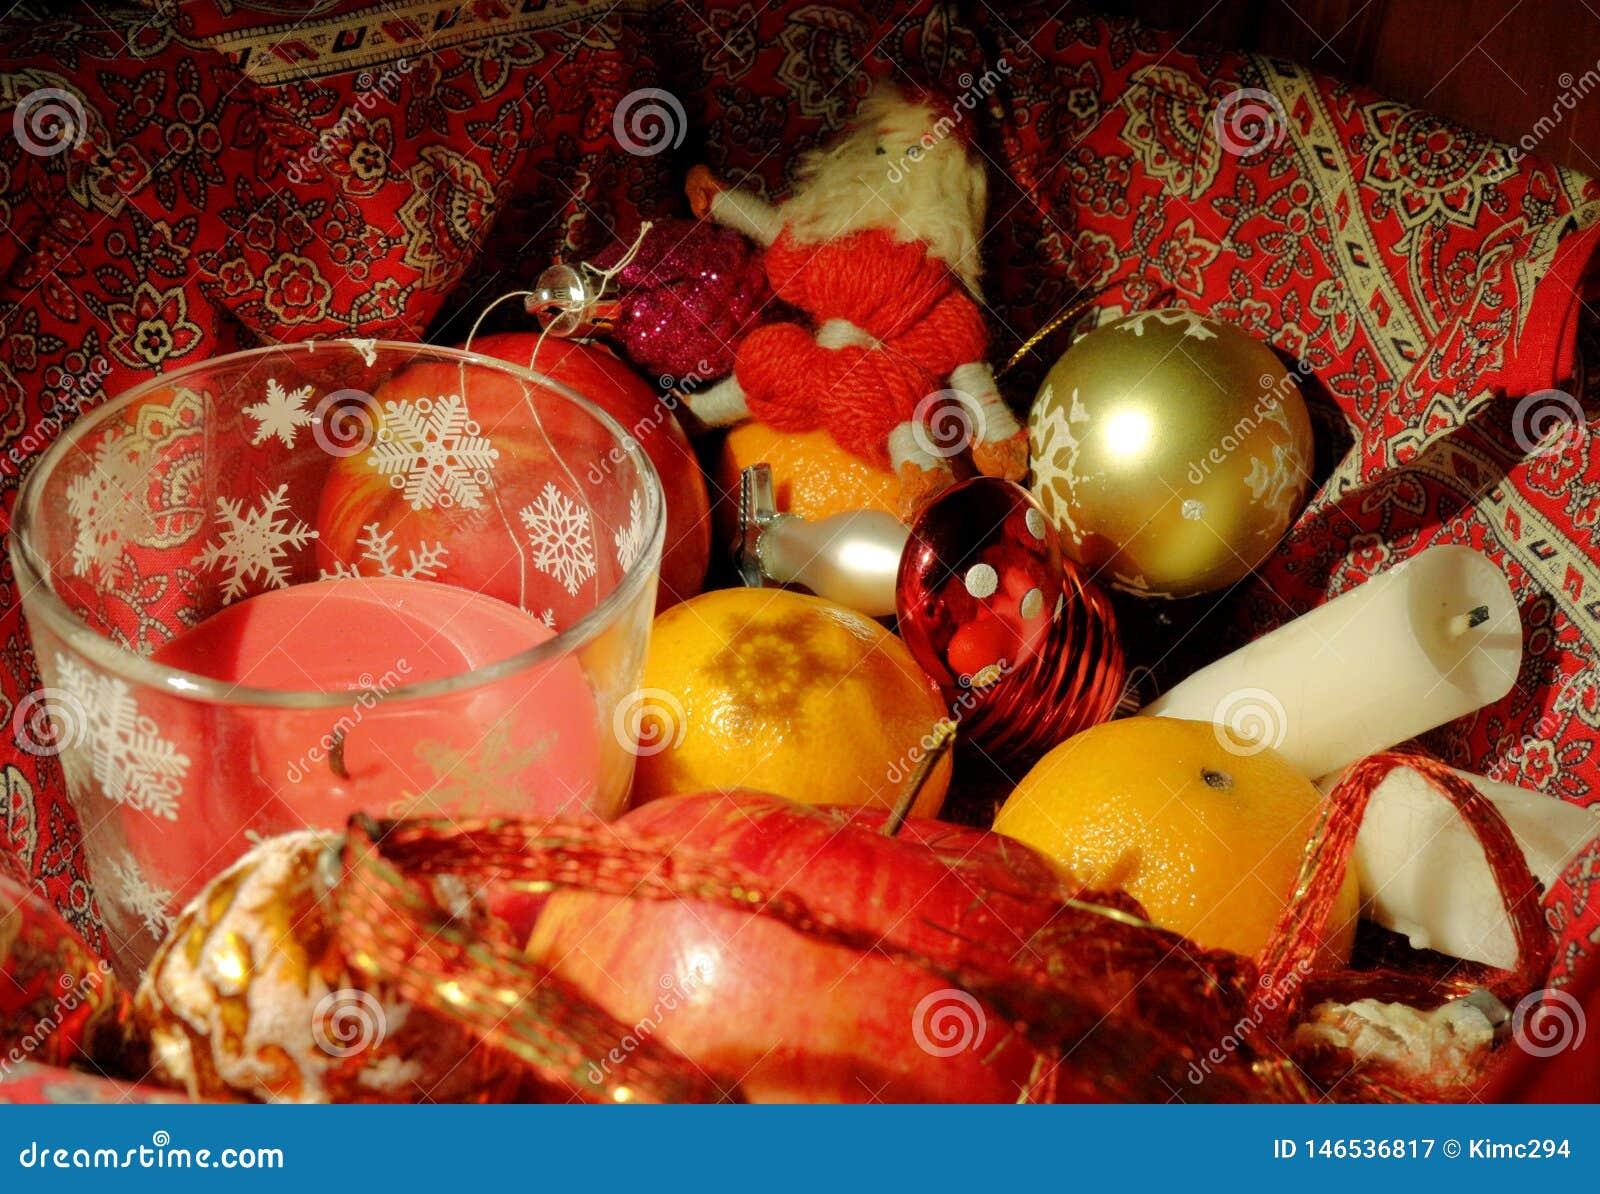 Weihnachtszusammensetzung mit Frucht, Kerzen und Weihnachtsdekor